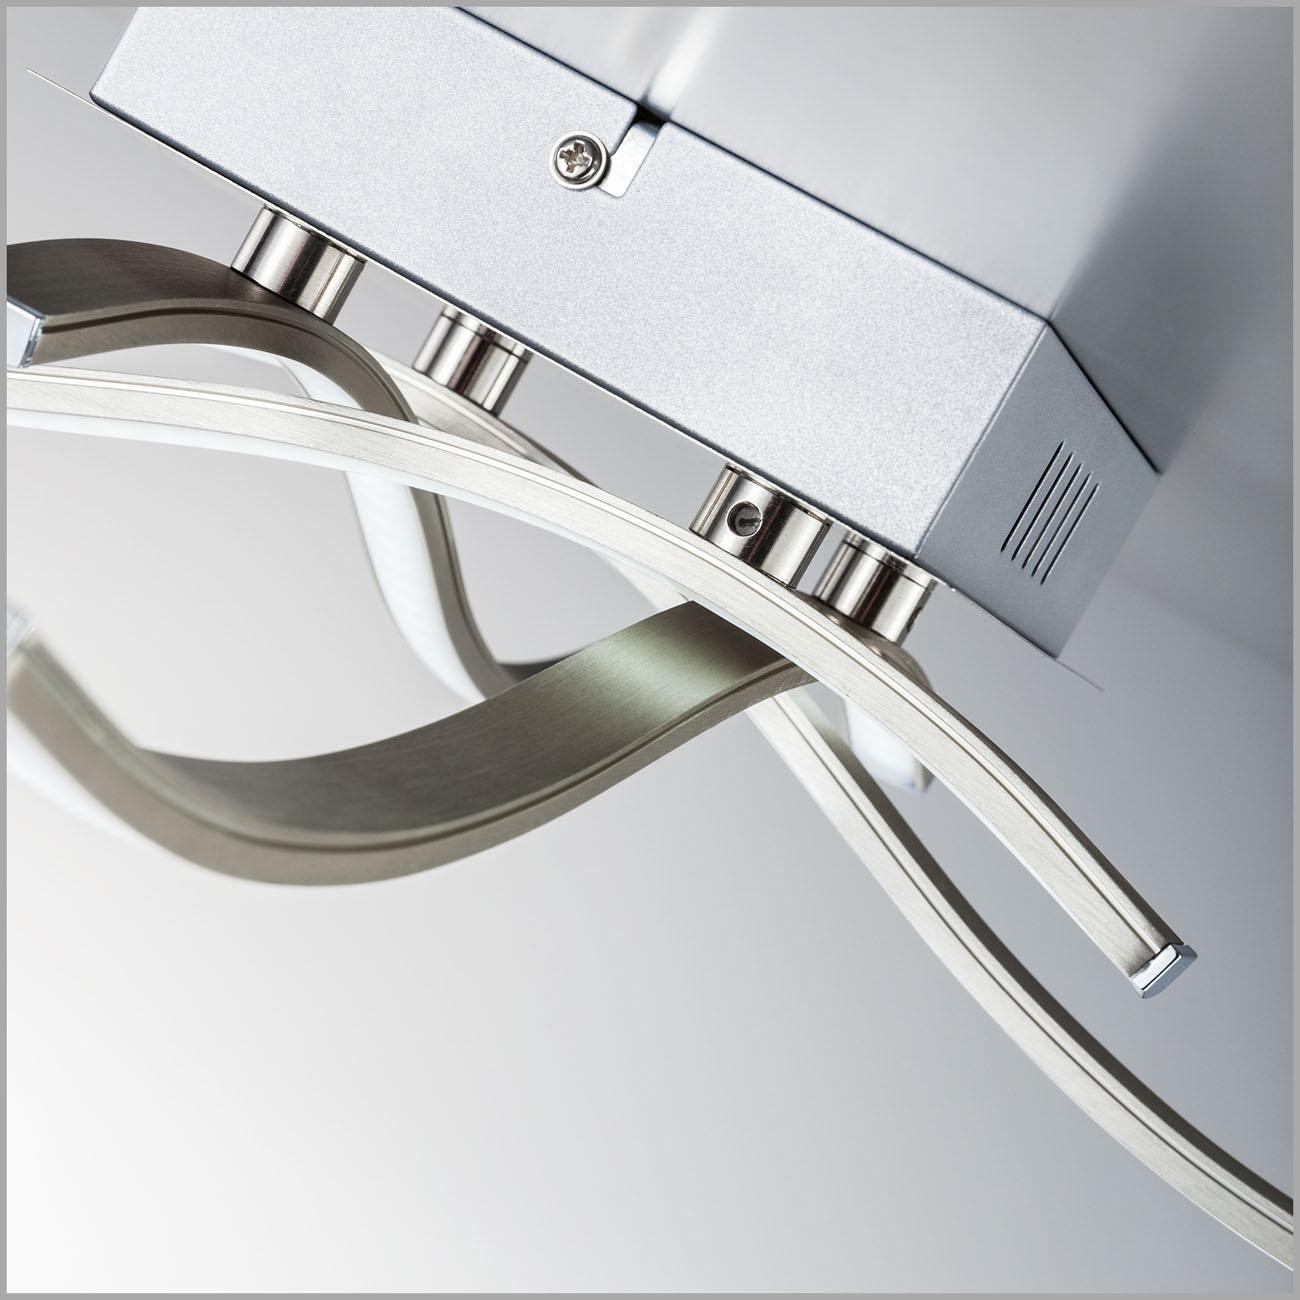 LED Design Deckenleuchte Wellenform 4-flammig  - 6